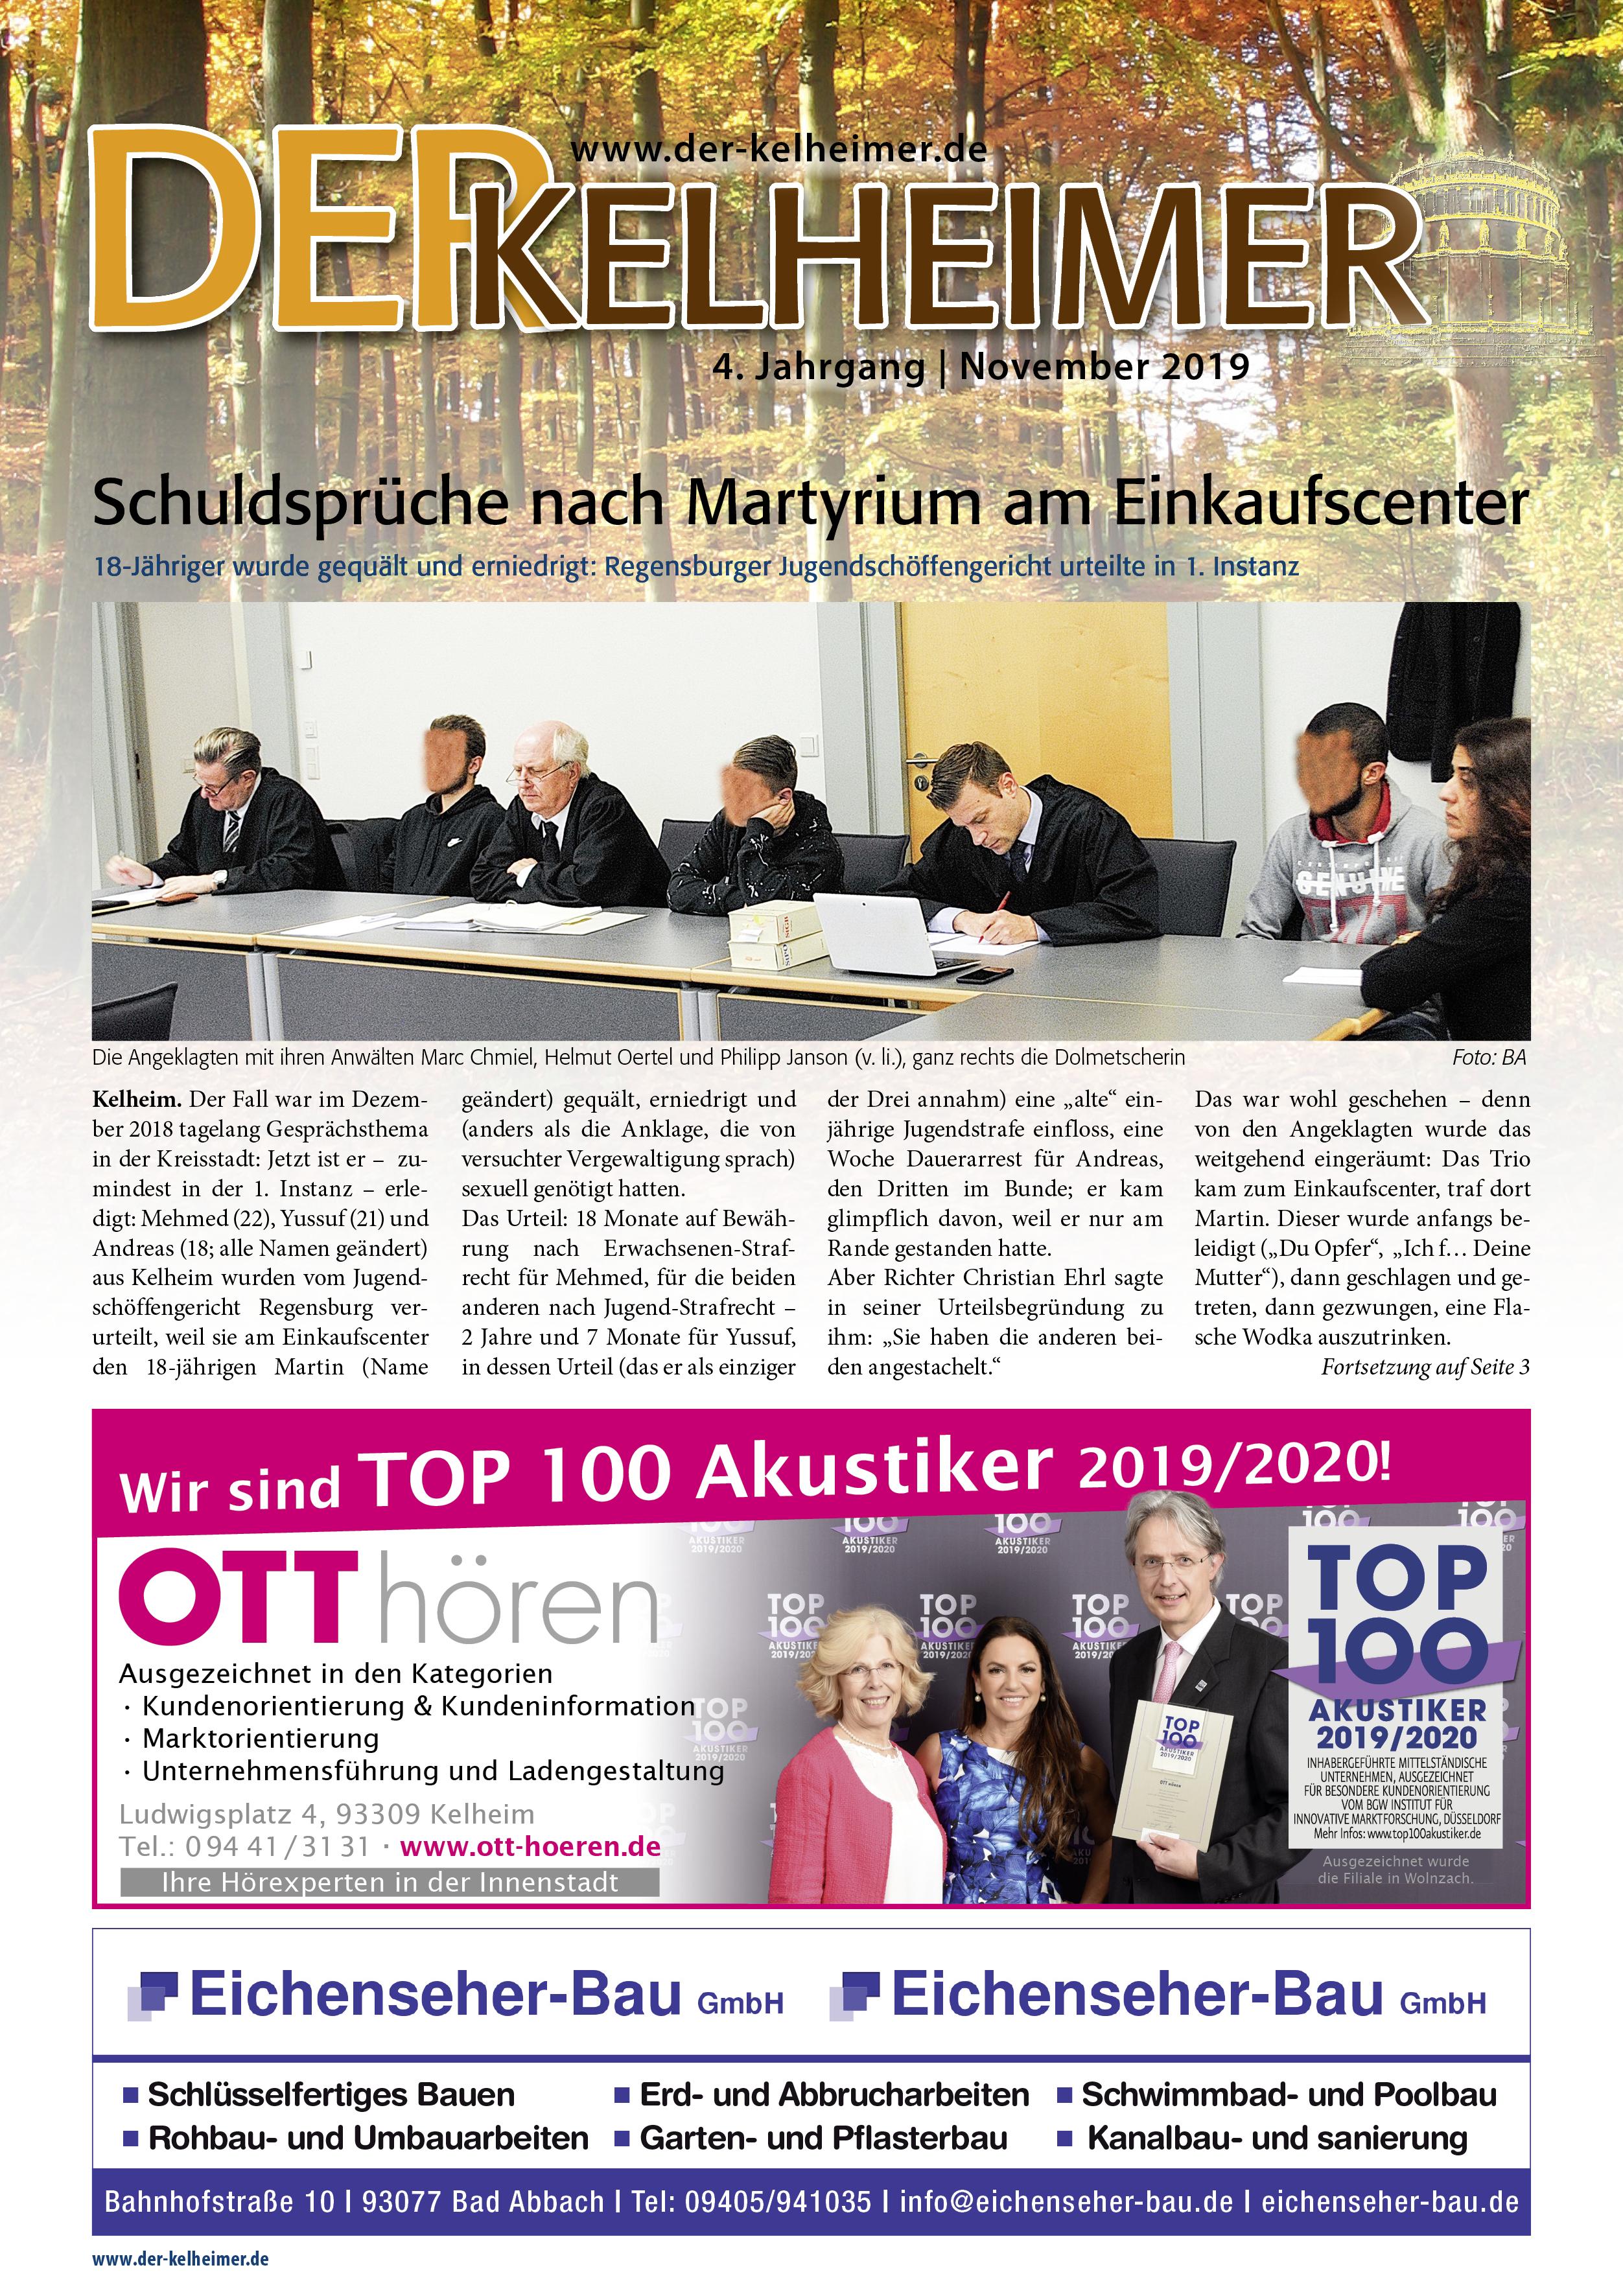 Der-Kelheimer-2019-11